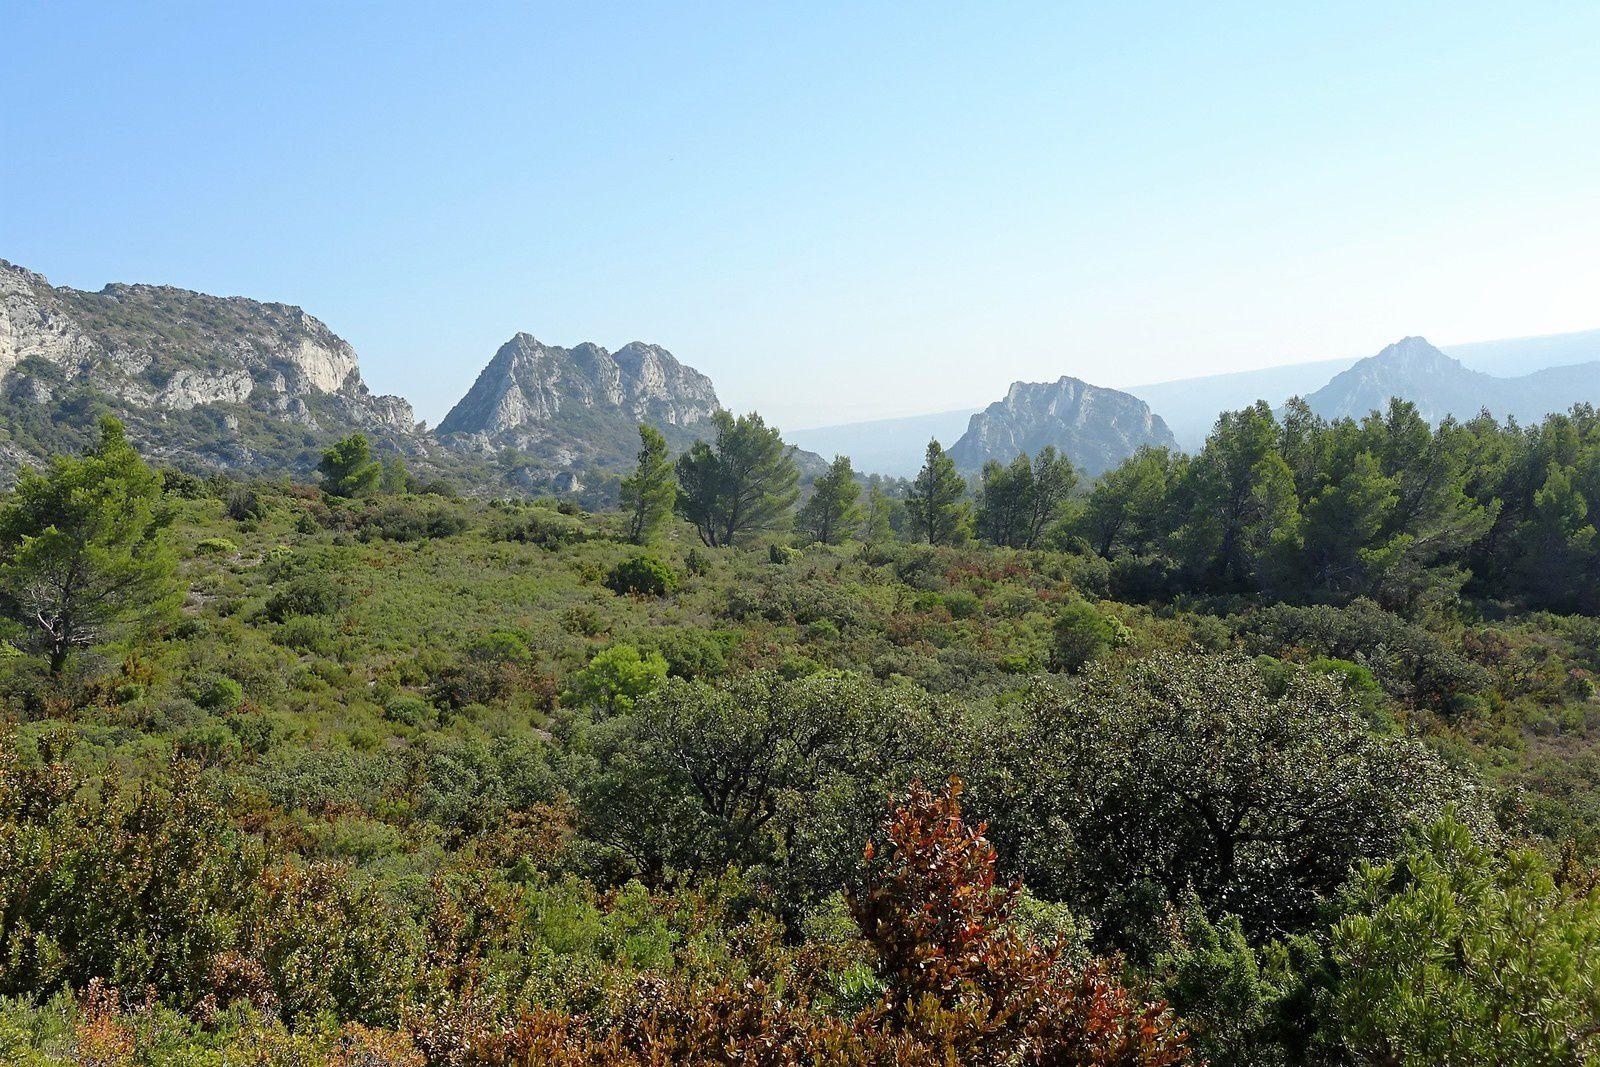 """Notre tour se fera dans les Alpilles, rien que le nom """"Alpilles"""" me fait rêver."""